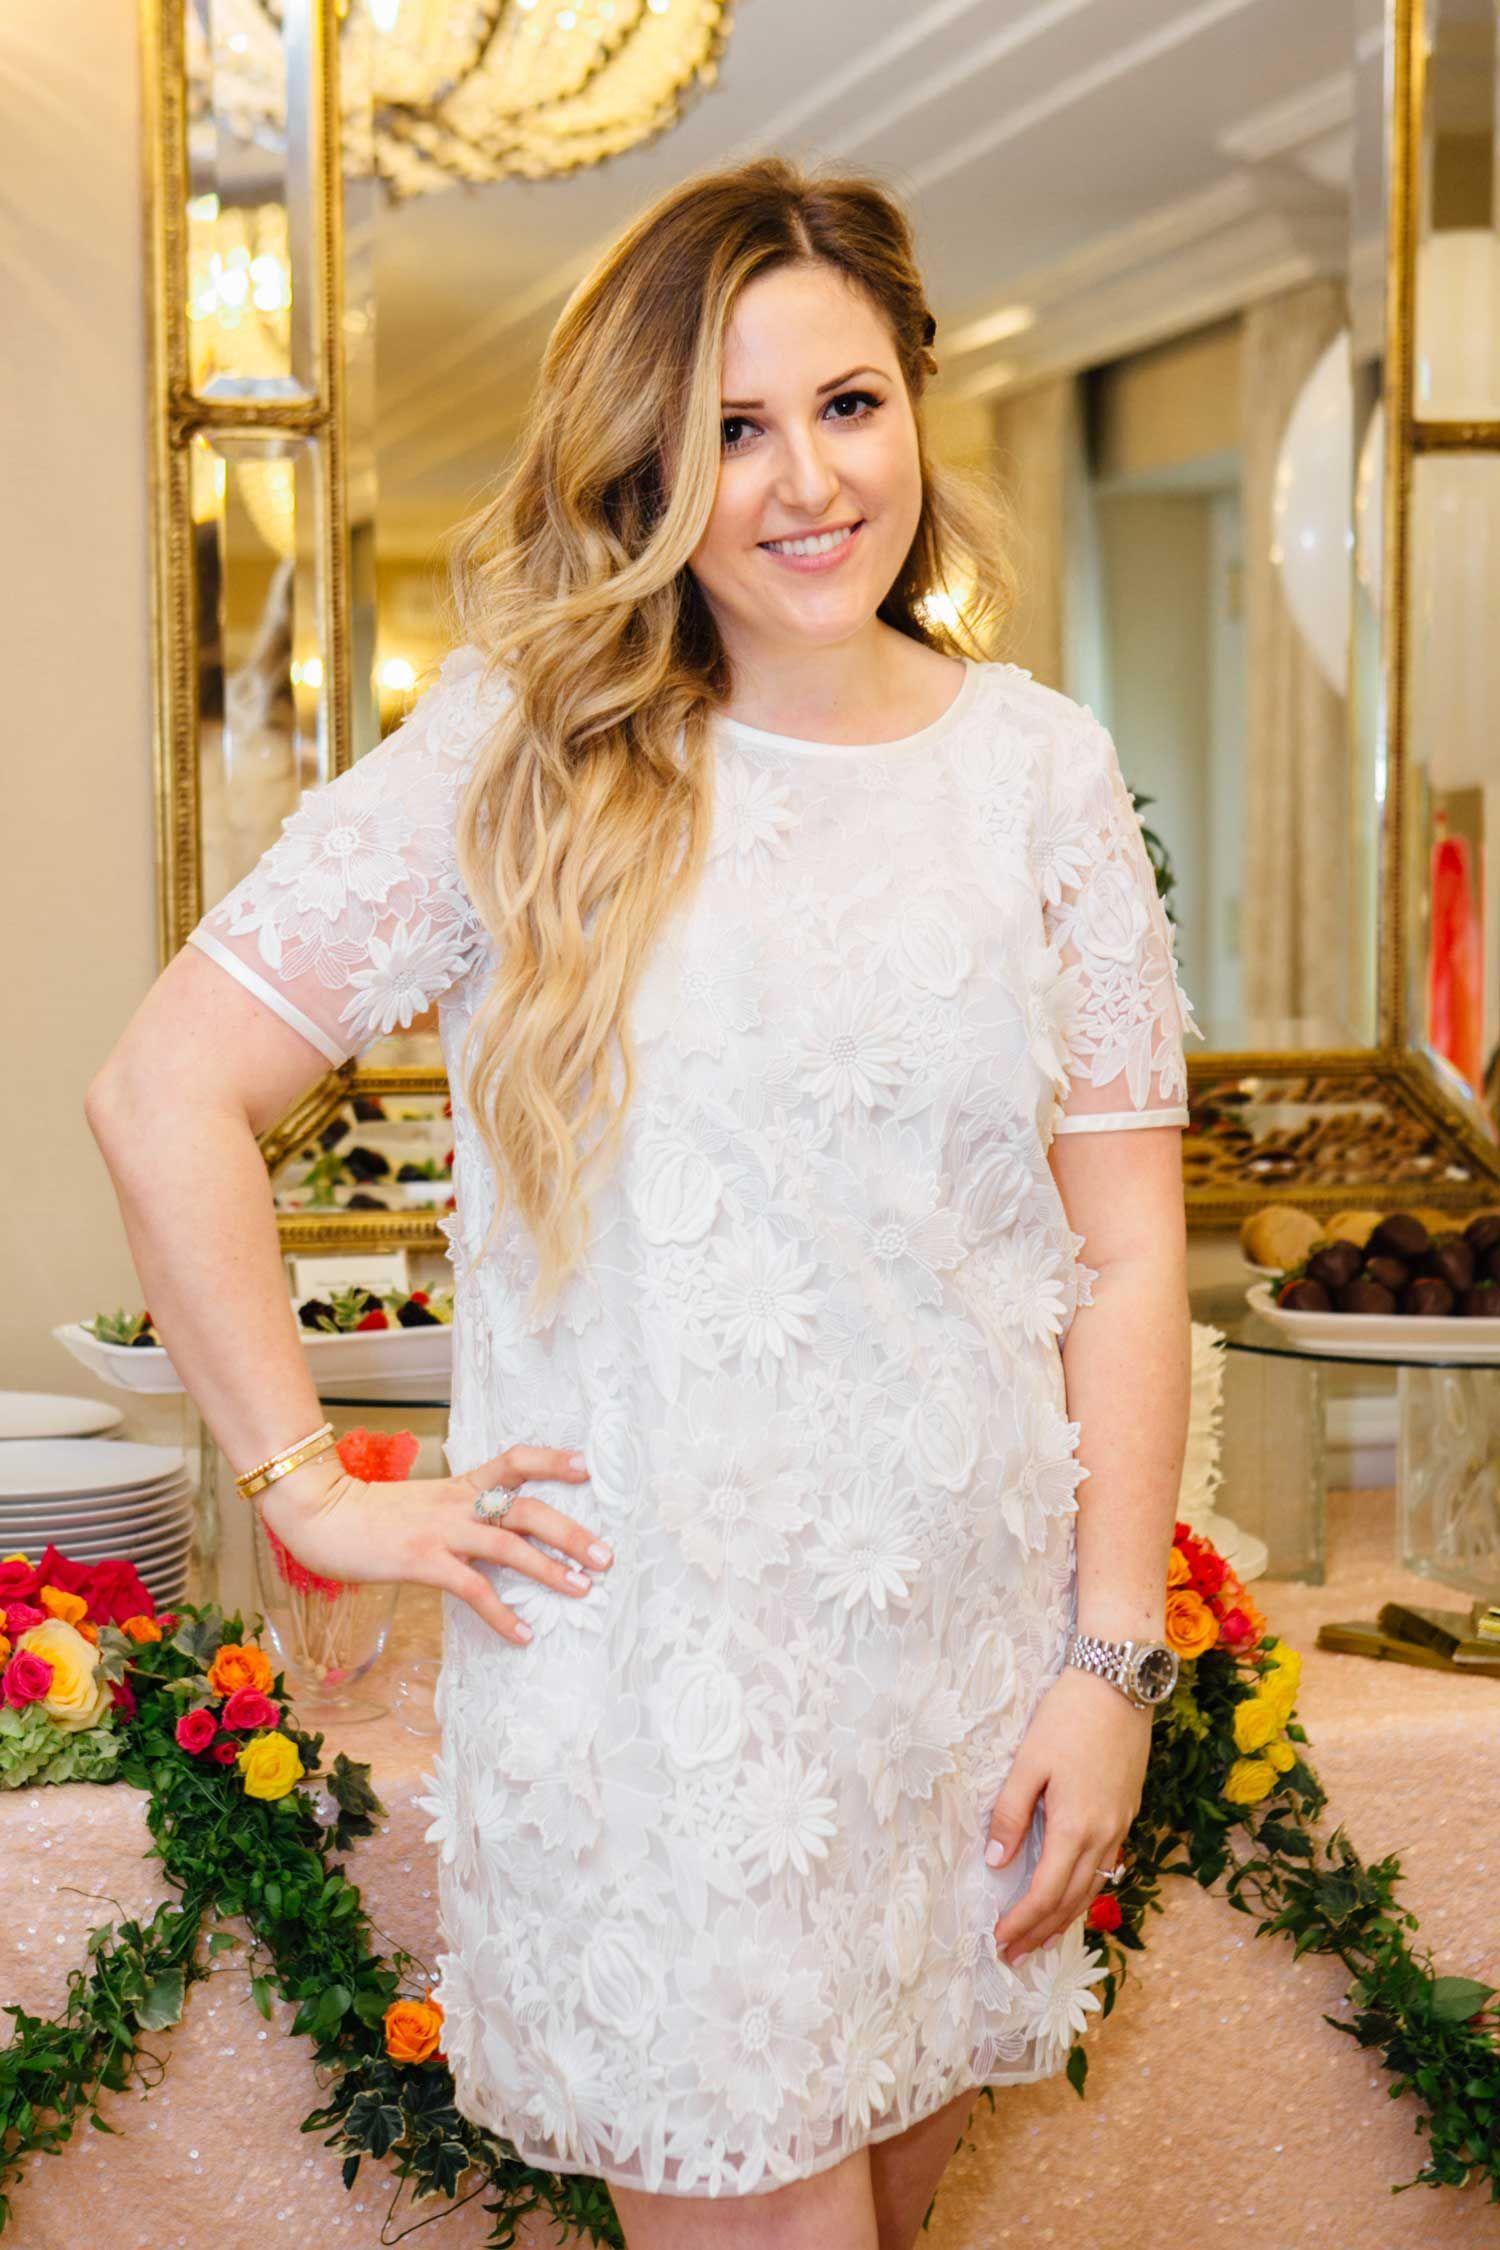 Park Art My WordPress Blog_Modest White Dress For Bridal Shower